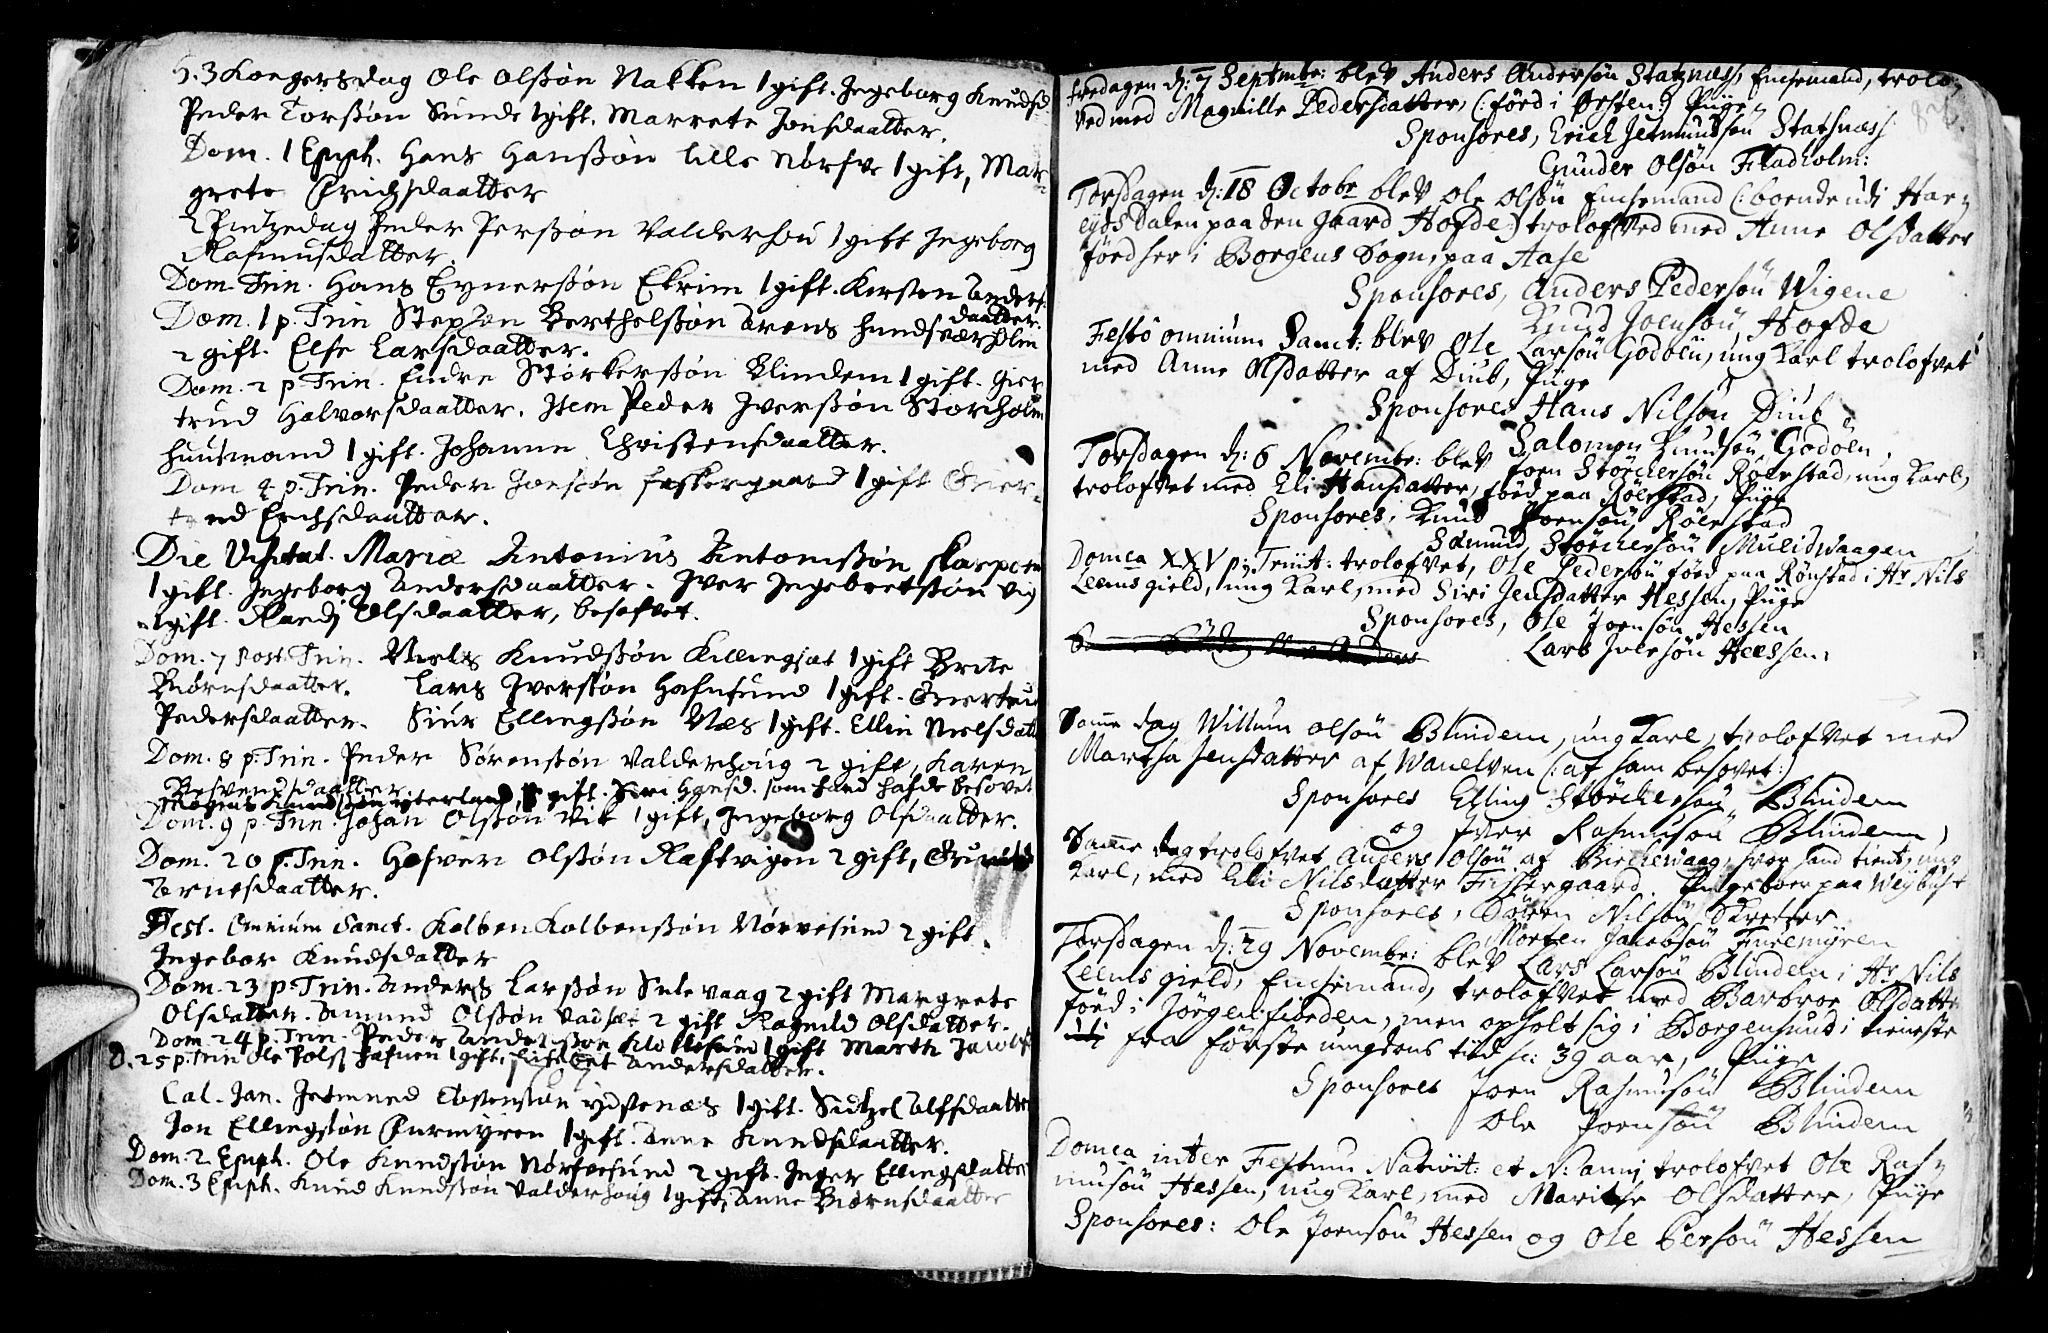 SAT, Ministerialprotokoller, klokkerbøker og fødselsregistre - Møre og Romsdal, 528/L0390: Ministerialbok nr. 528A01, 1698-1739, s. 86-87